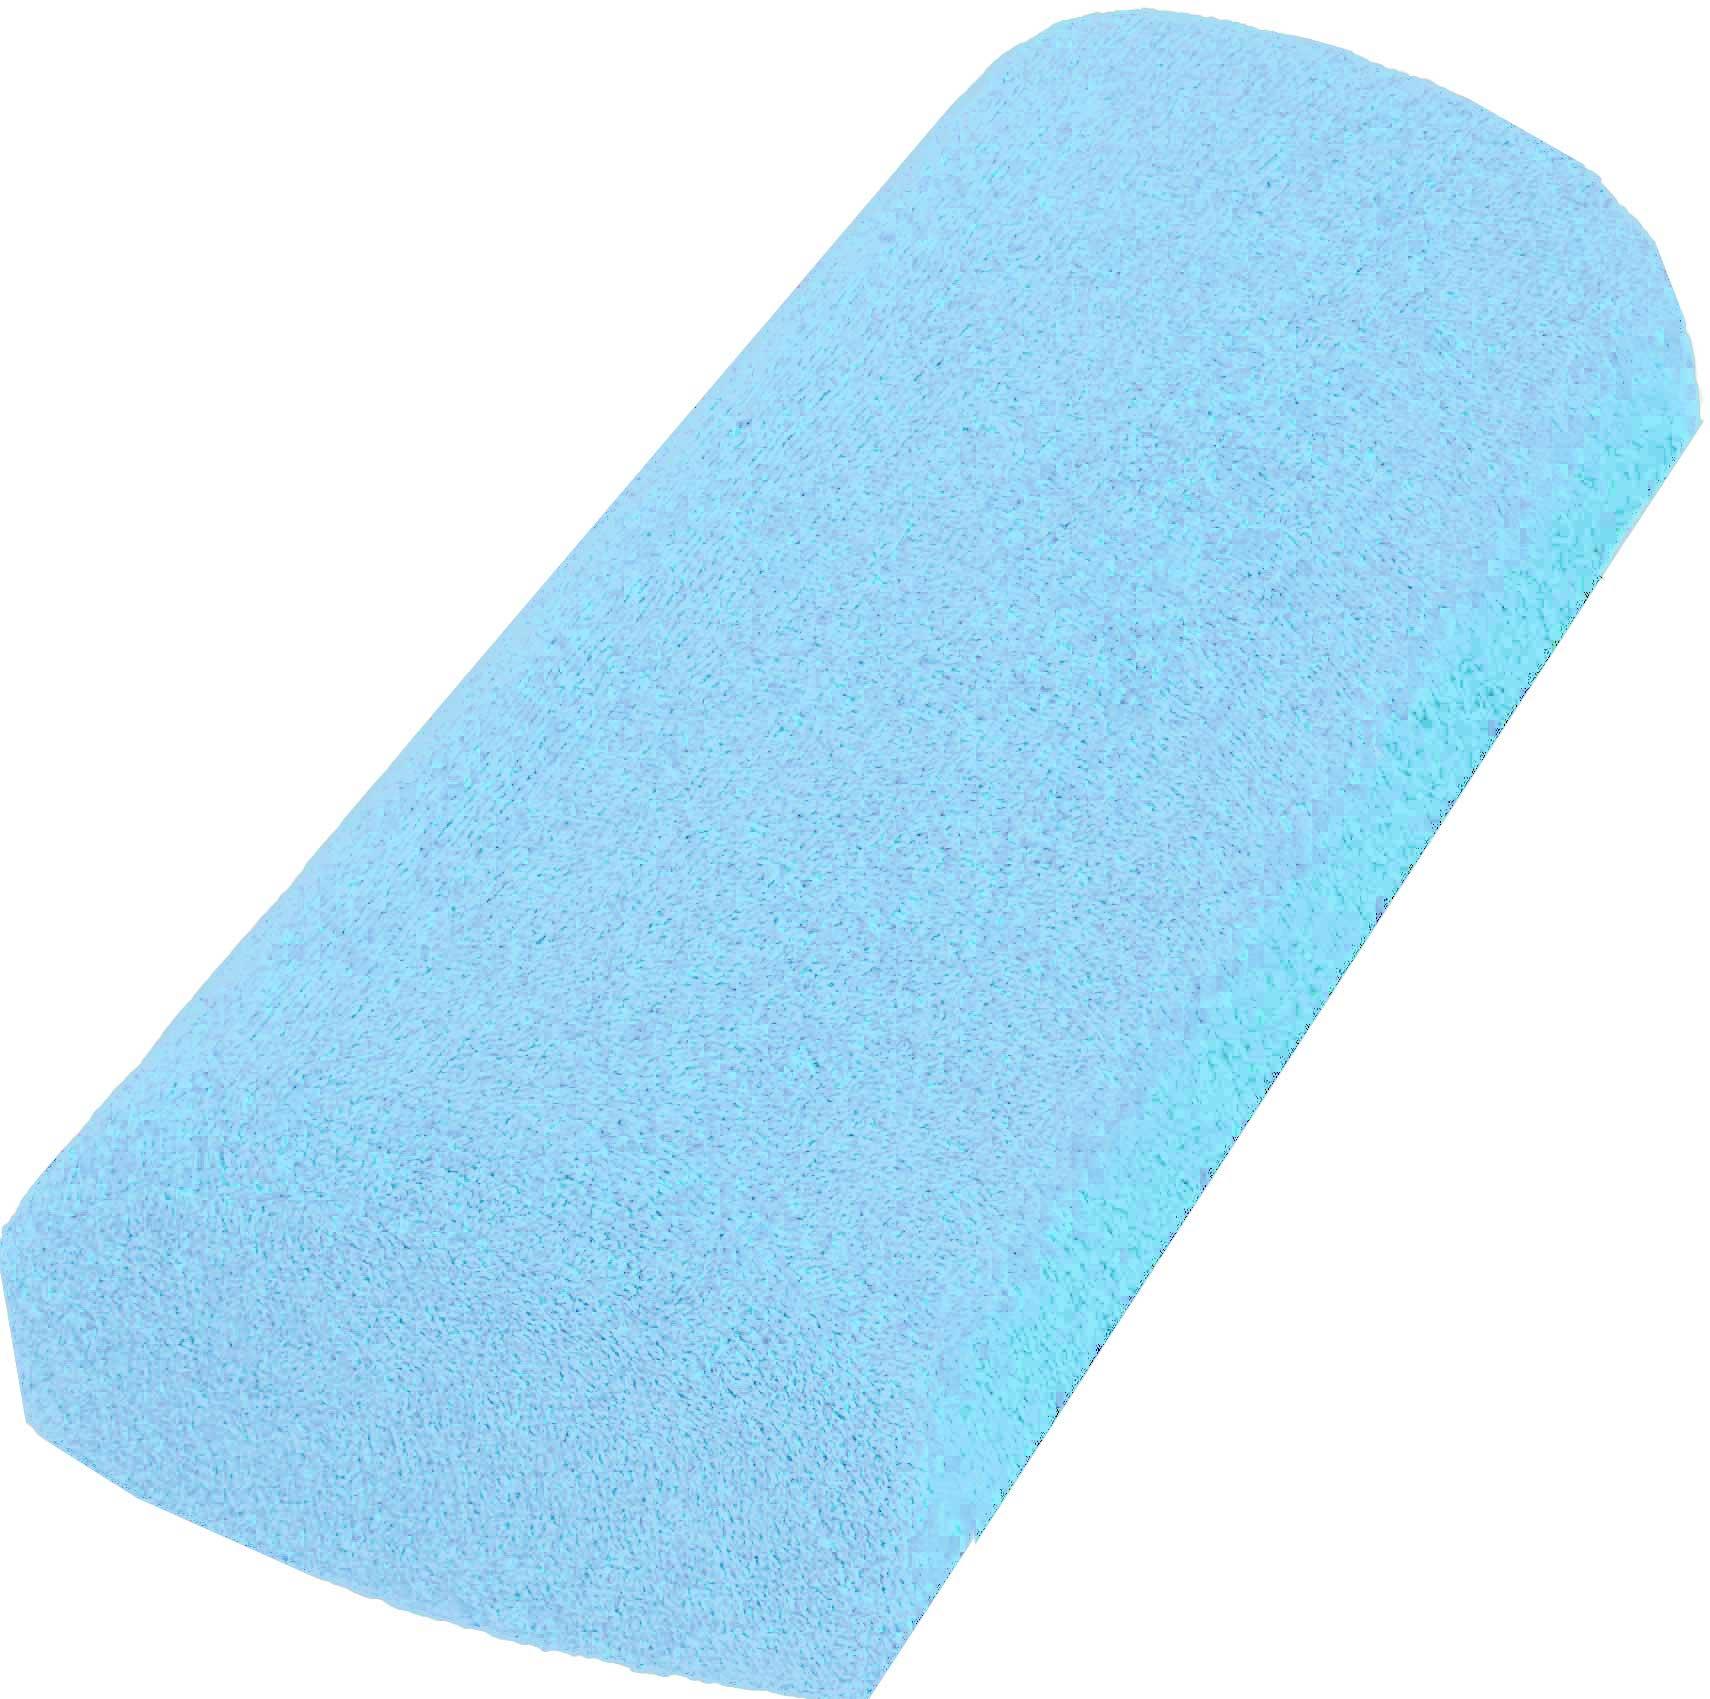 Handauflage Frottee hellblau waschbar